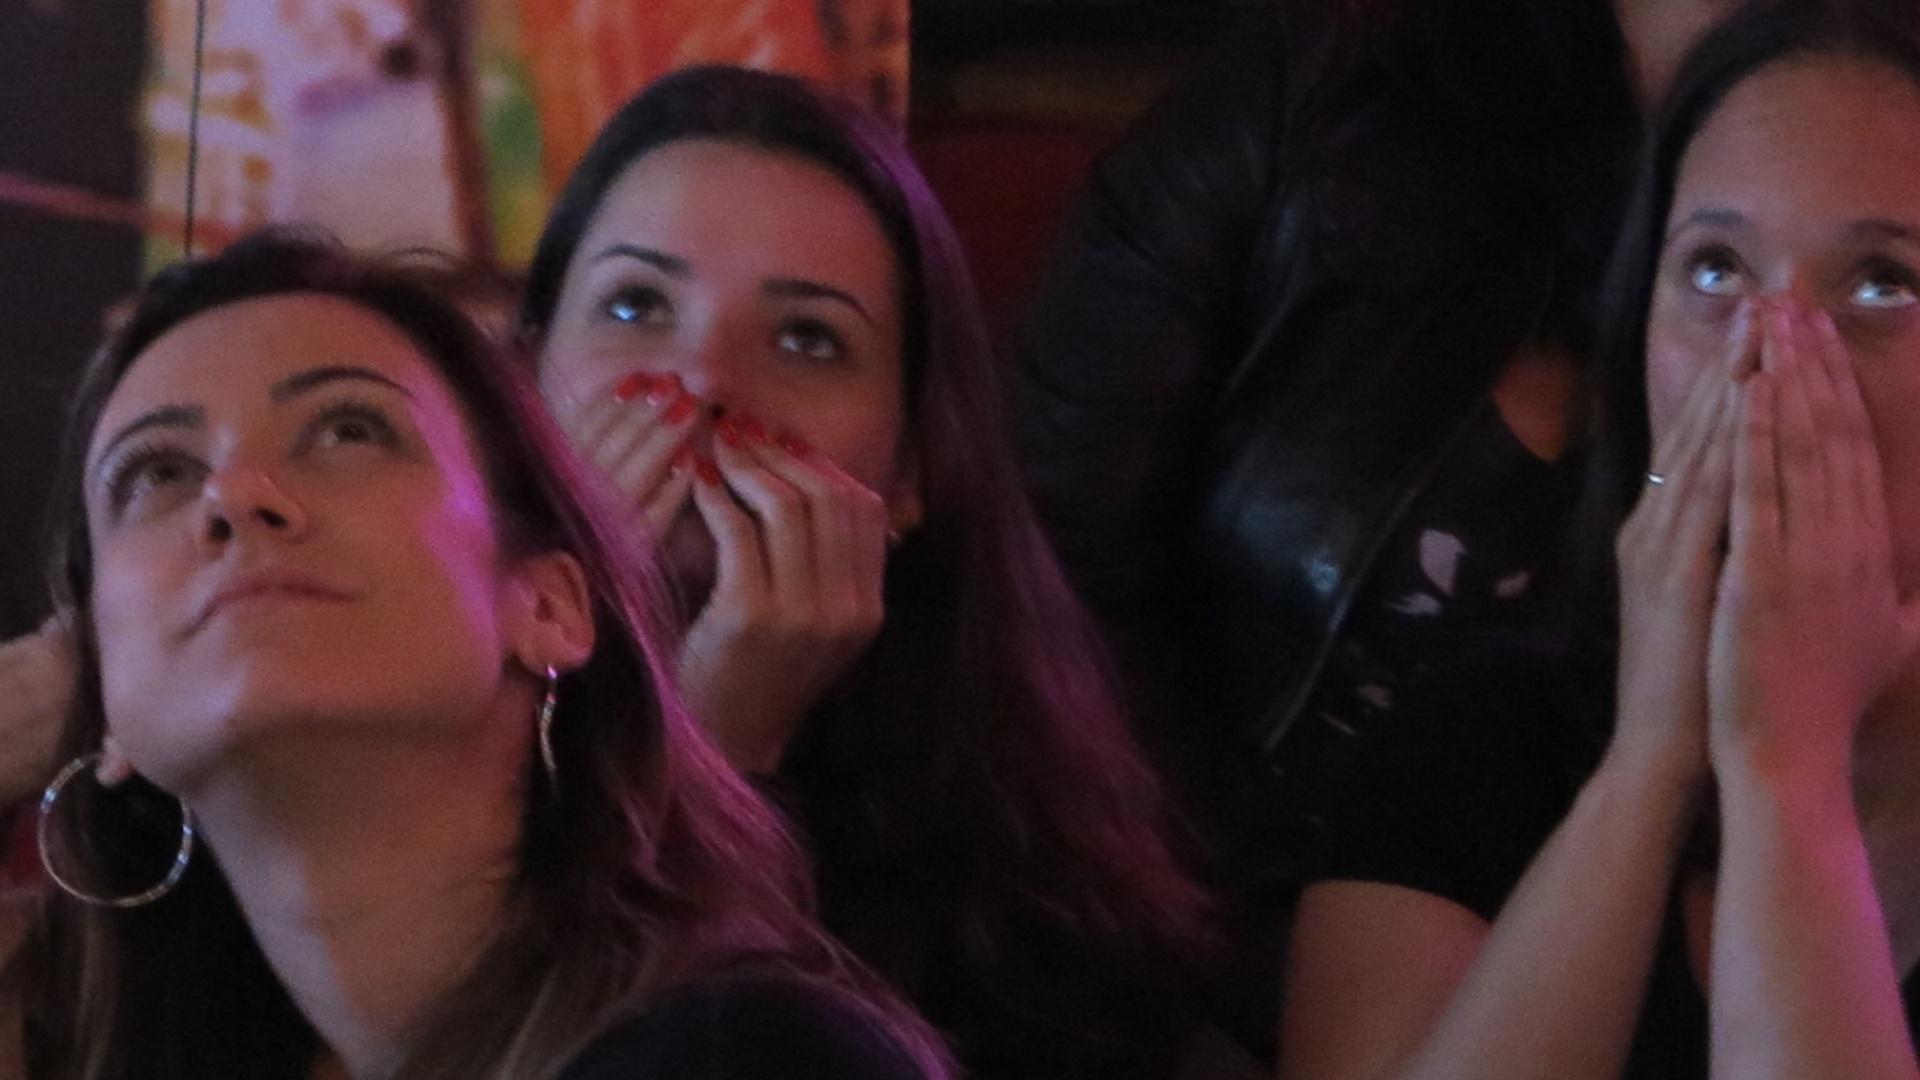 Apreensão toma conta de torcedoras no Buddies, no Itaim, durante o primeiro tempo da final do Mundial